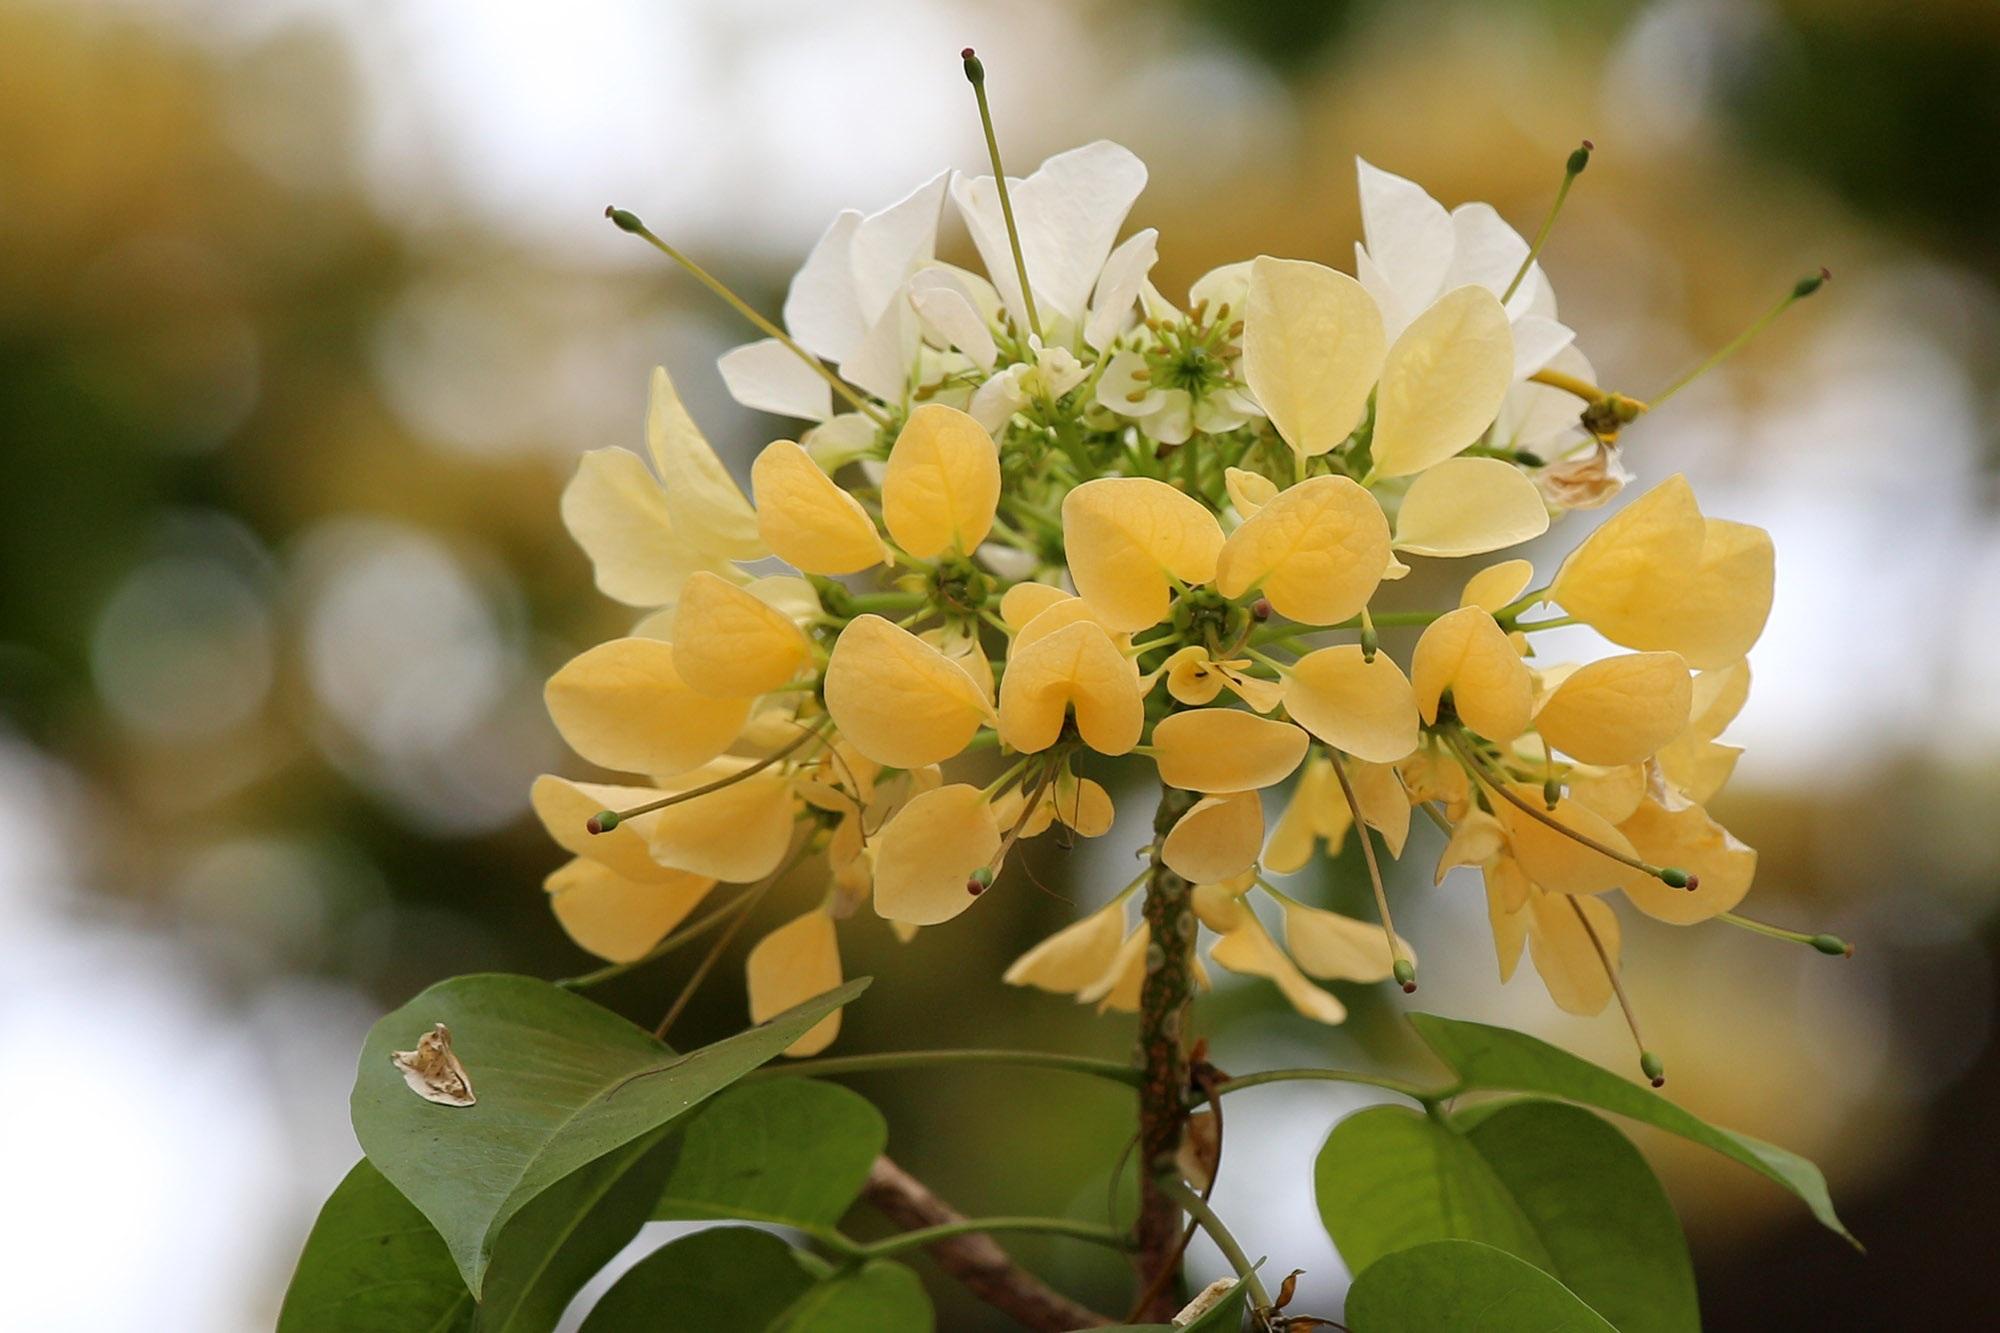 Cây hoa bún 300 tuổi ở Hà Nội thu hút người dân đổ về thưởng lãm - 5